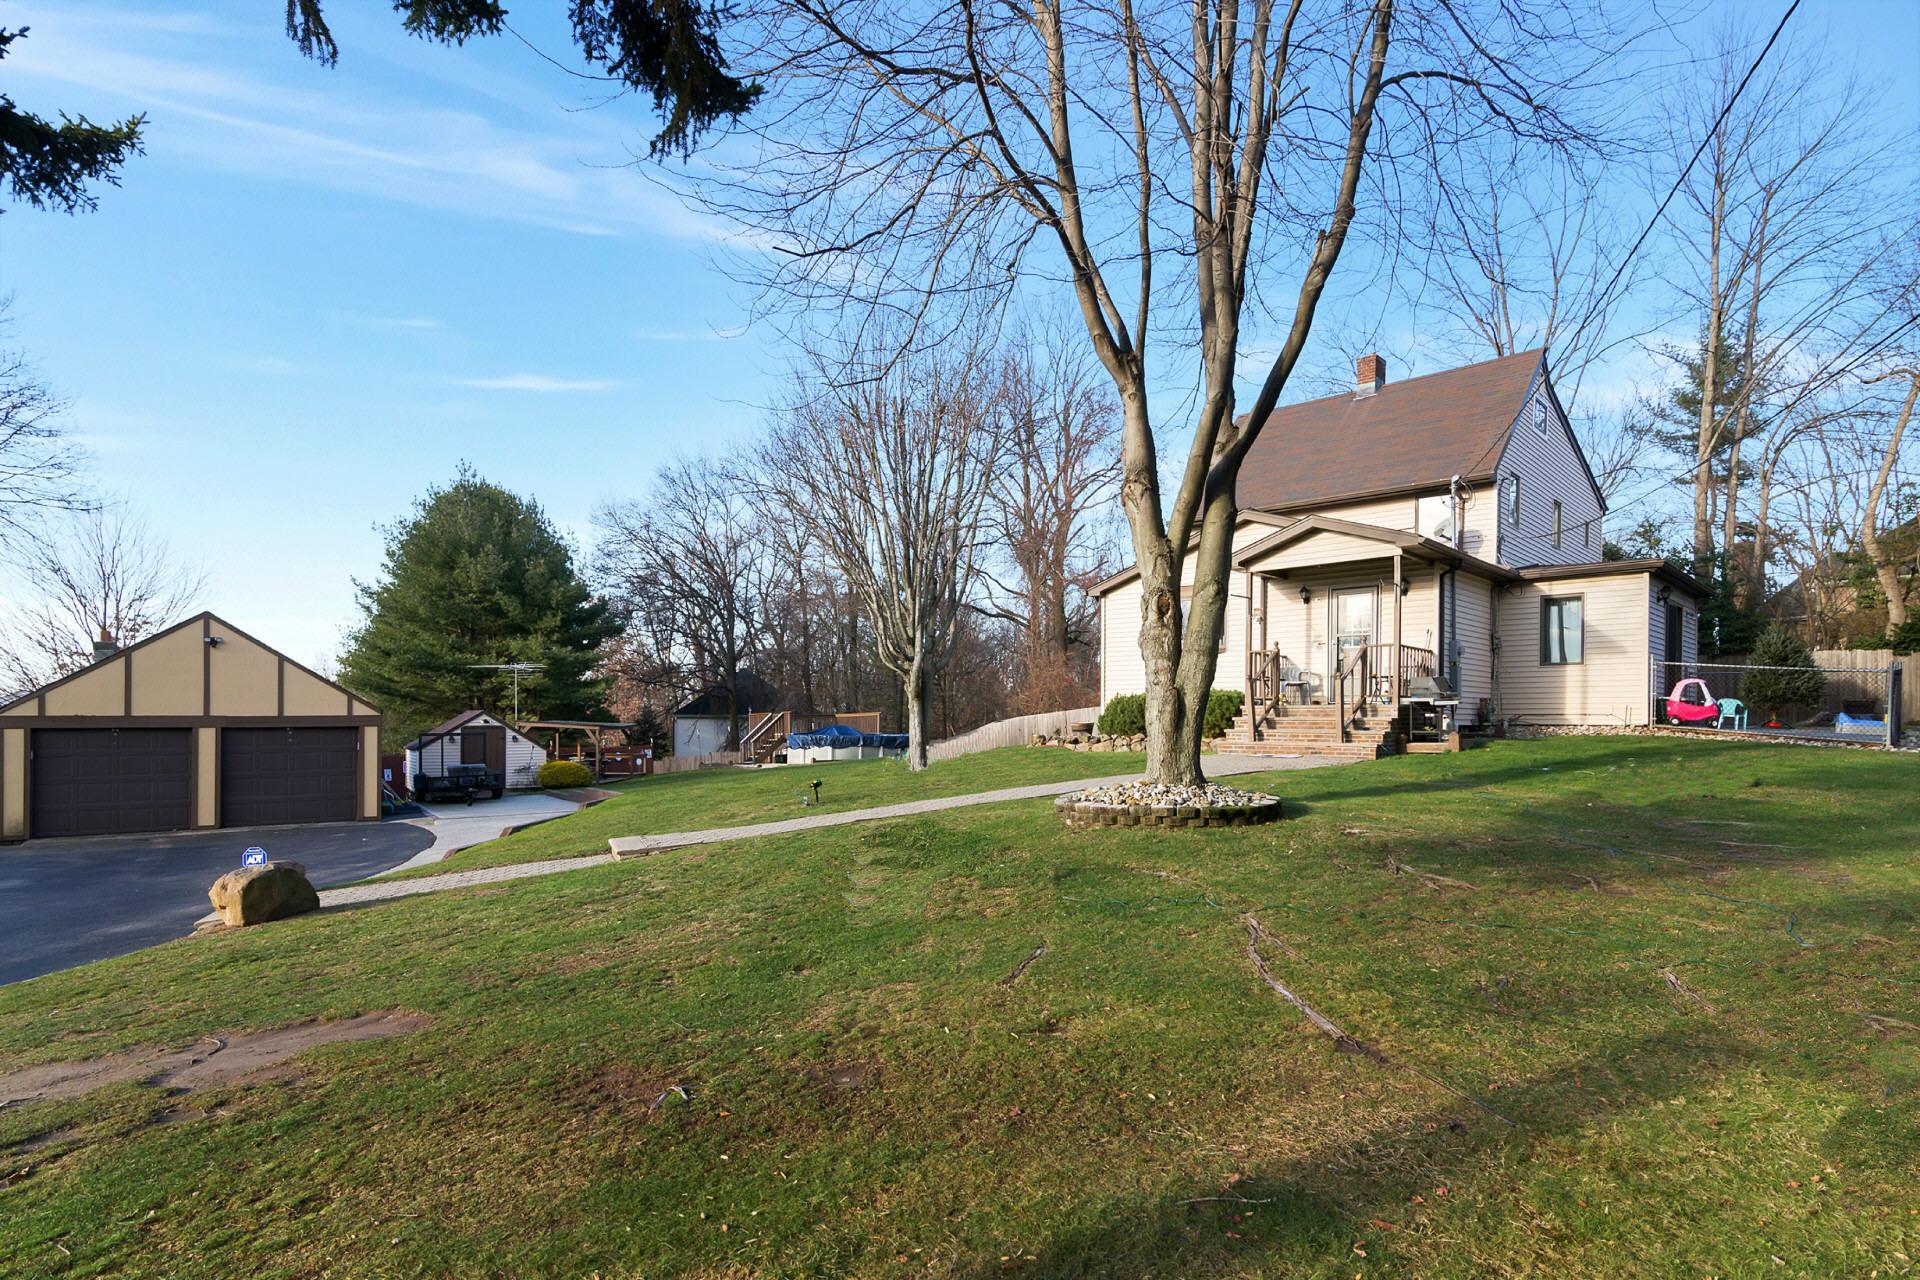 Maison unifamiliale pour l Vente à East Hill Opportunity 376 Anderson Ave Closter, New Jersey 07624 États-Unis